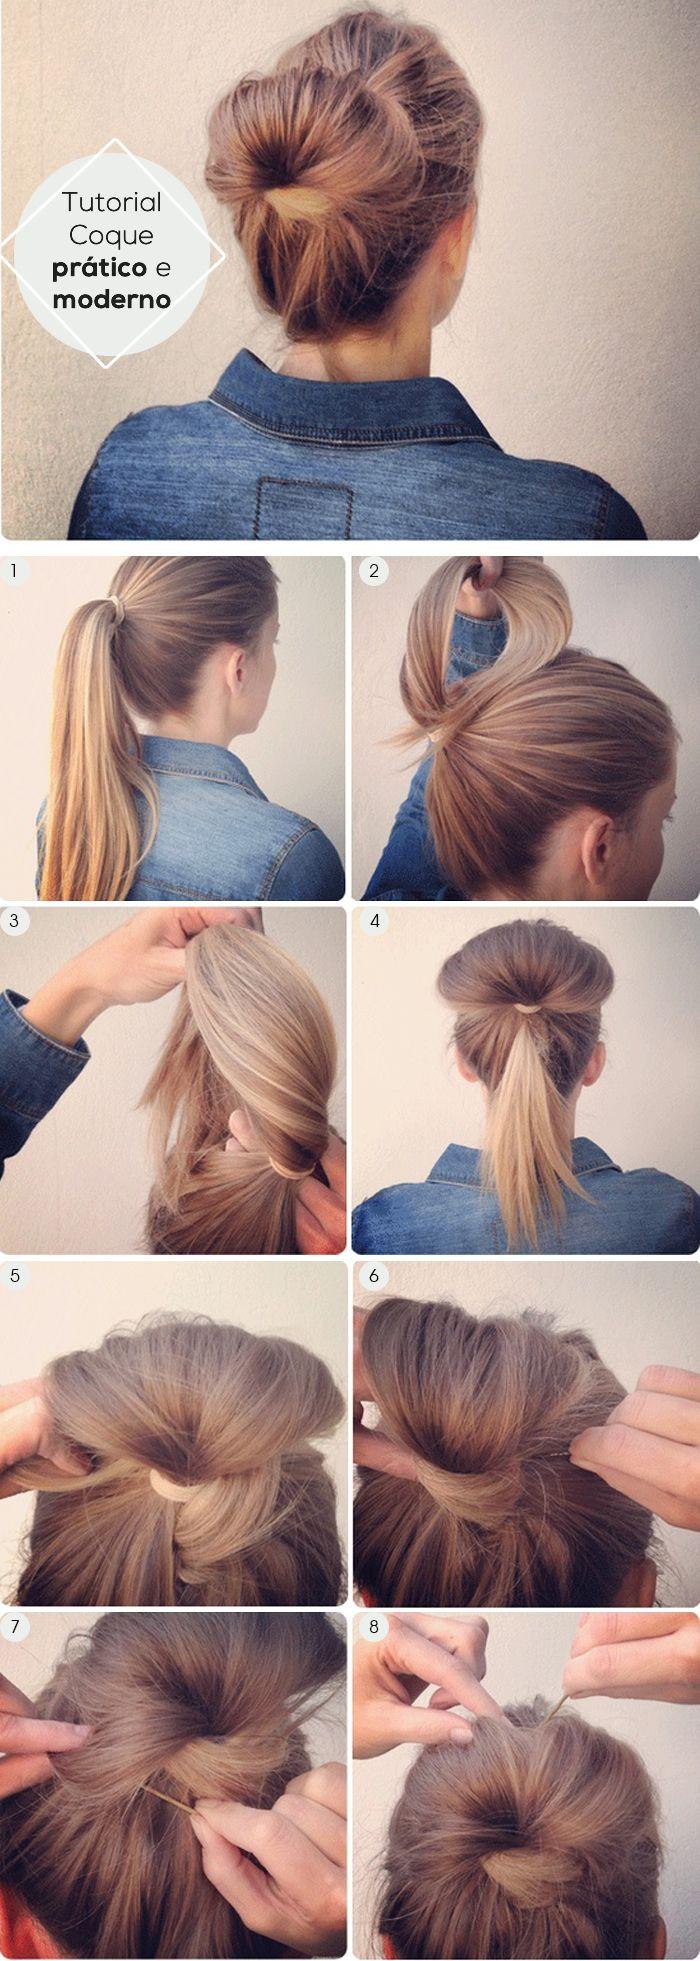 Dica de penteado para as meninas que querem fugir do coquinho básico do dia-a-dia! Muito fofo, né? <3